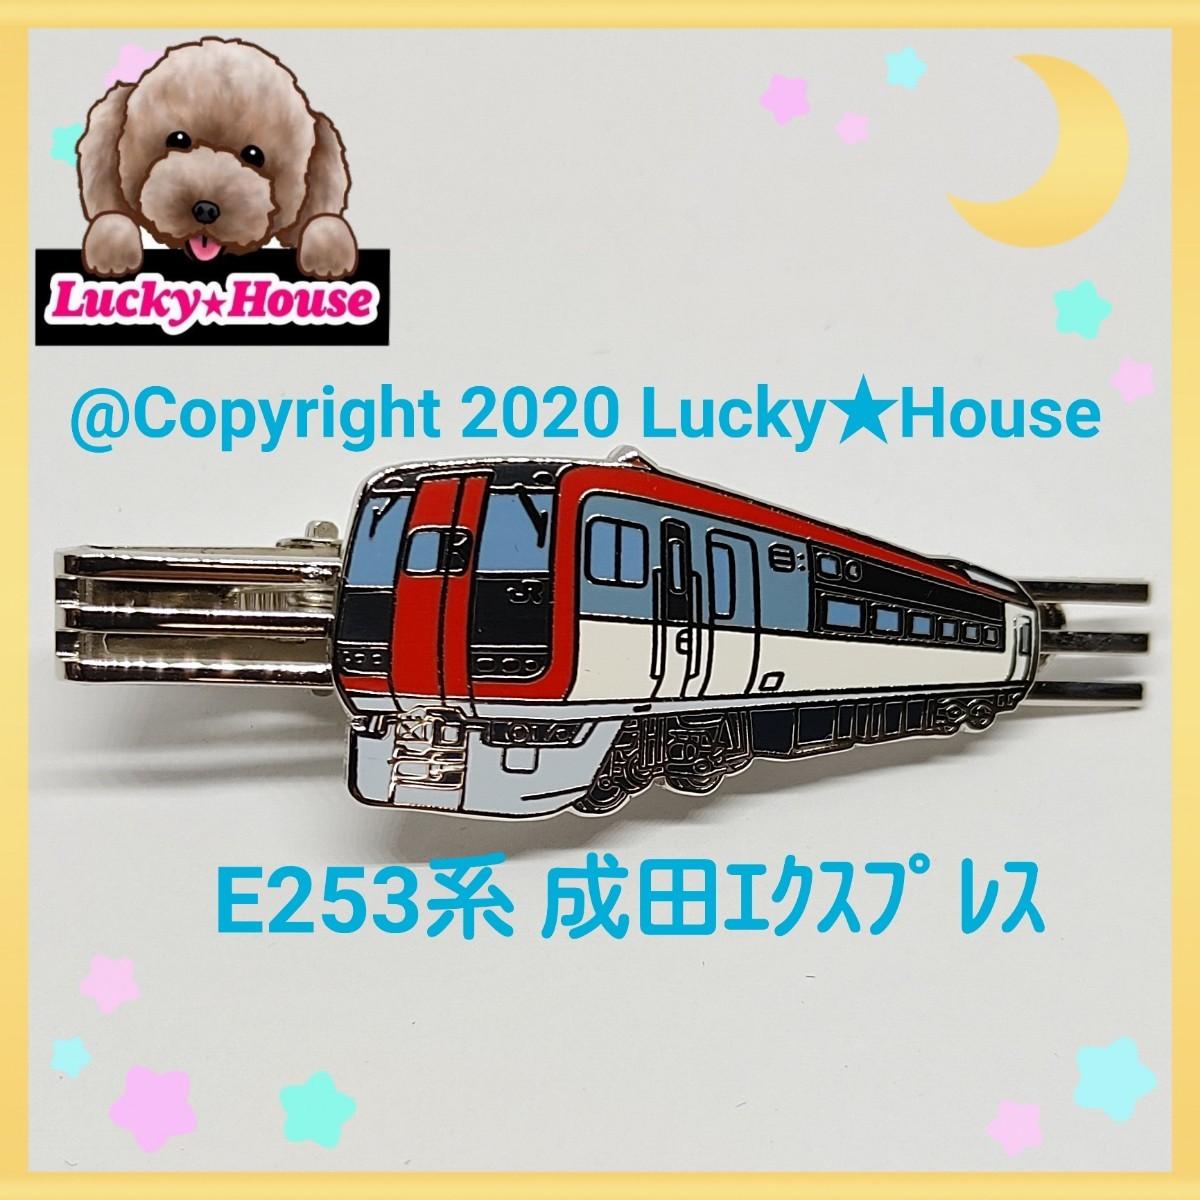 ネクタイピン 成田エクスプレス 253系 新幹線 鉄道 電車  JR西日本 JR東海 鉄道グッズ コレクション タイバー